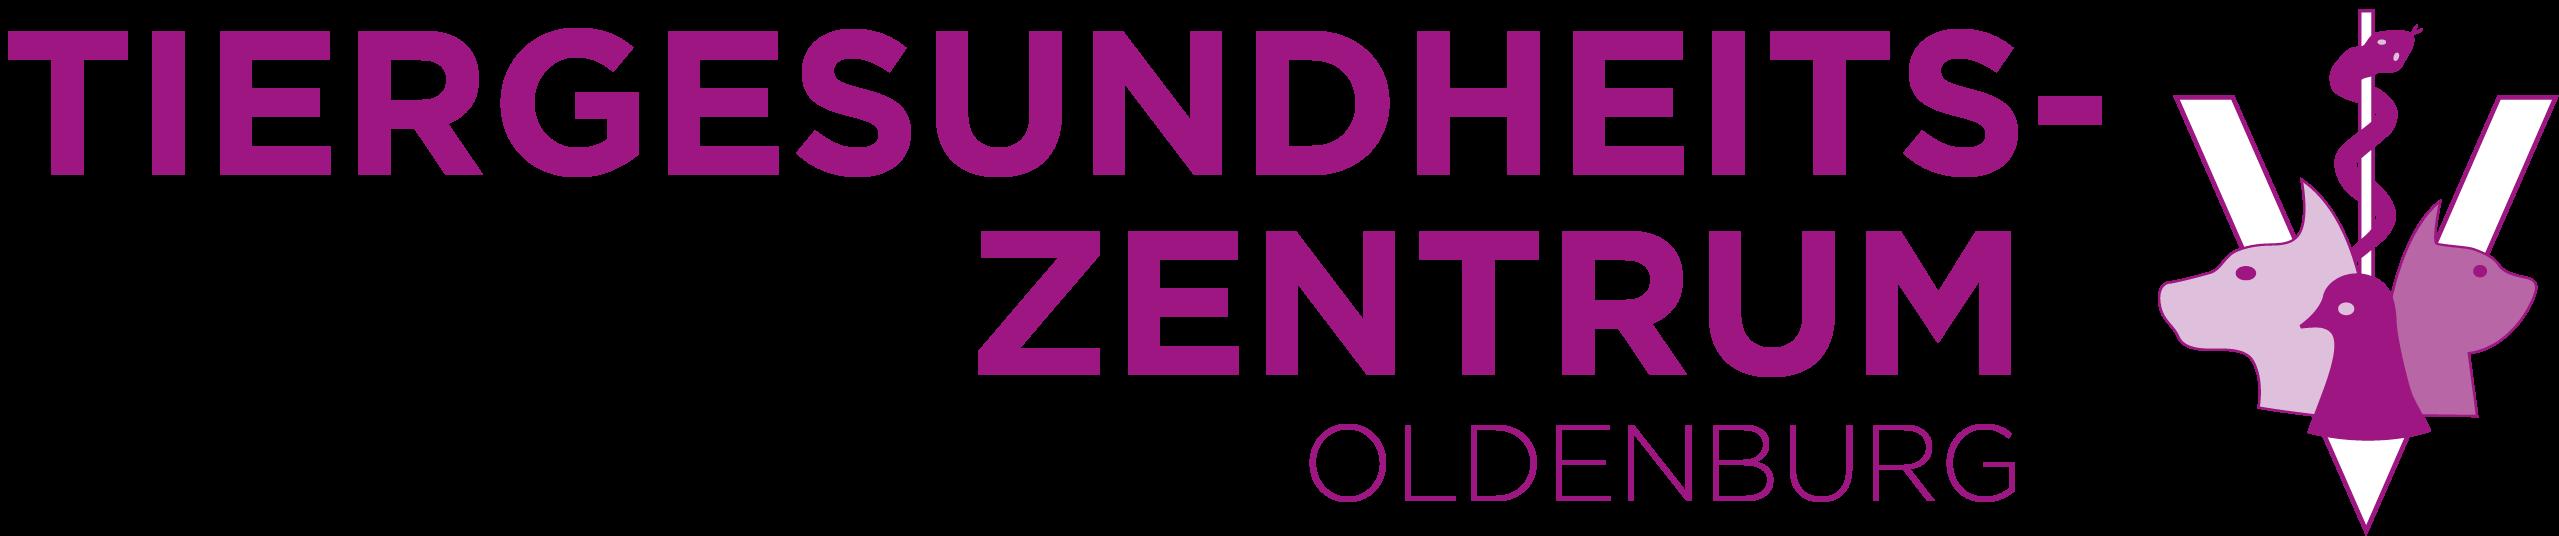 Tiergesundheitszentrum Oldenburg - Logo